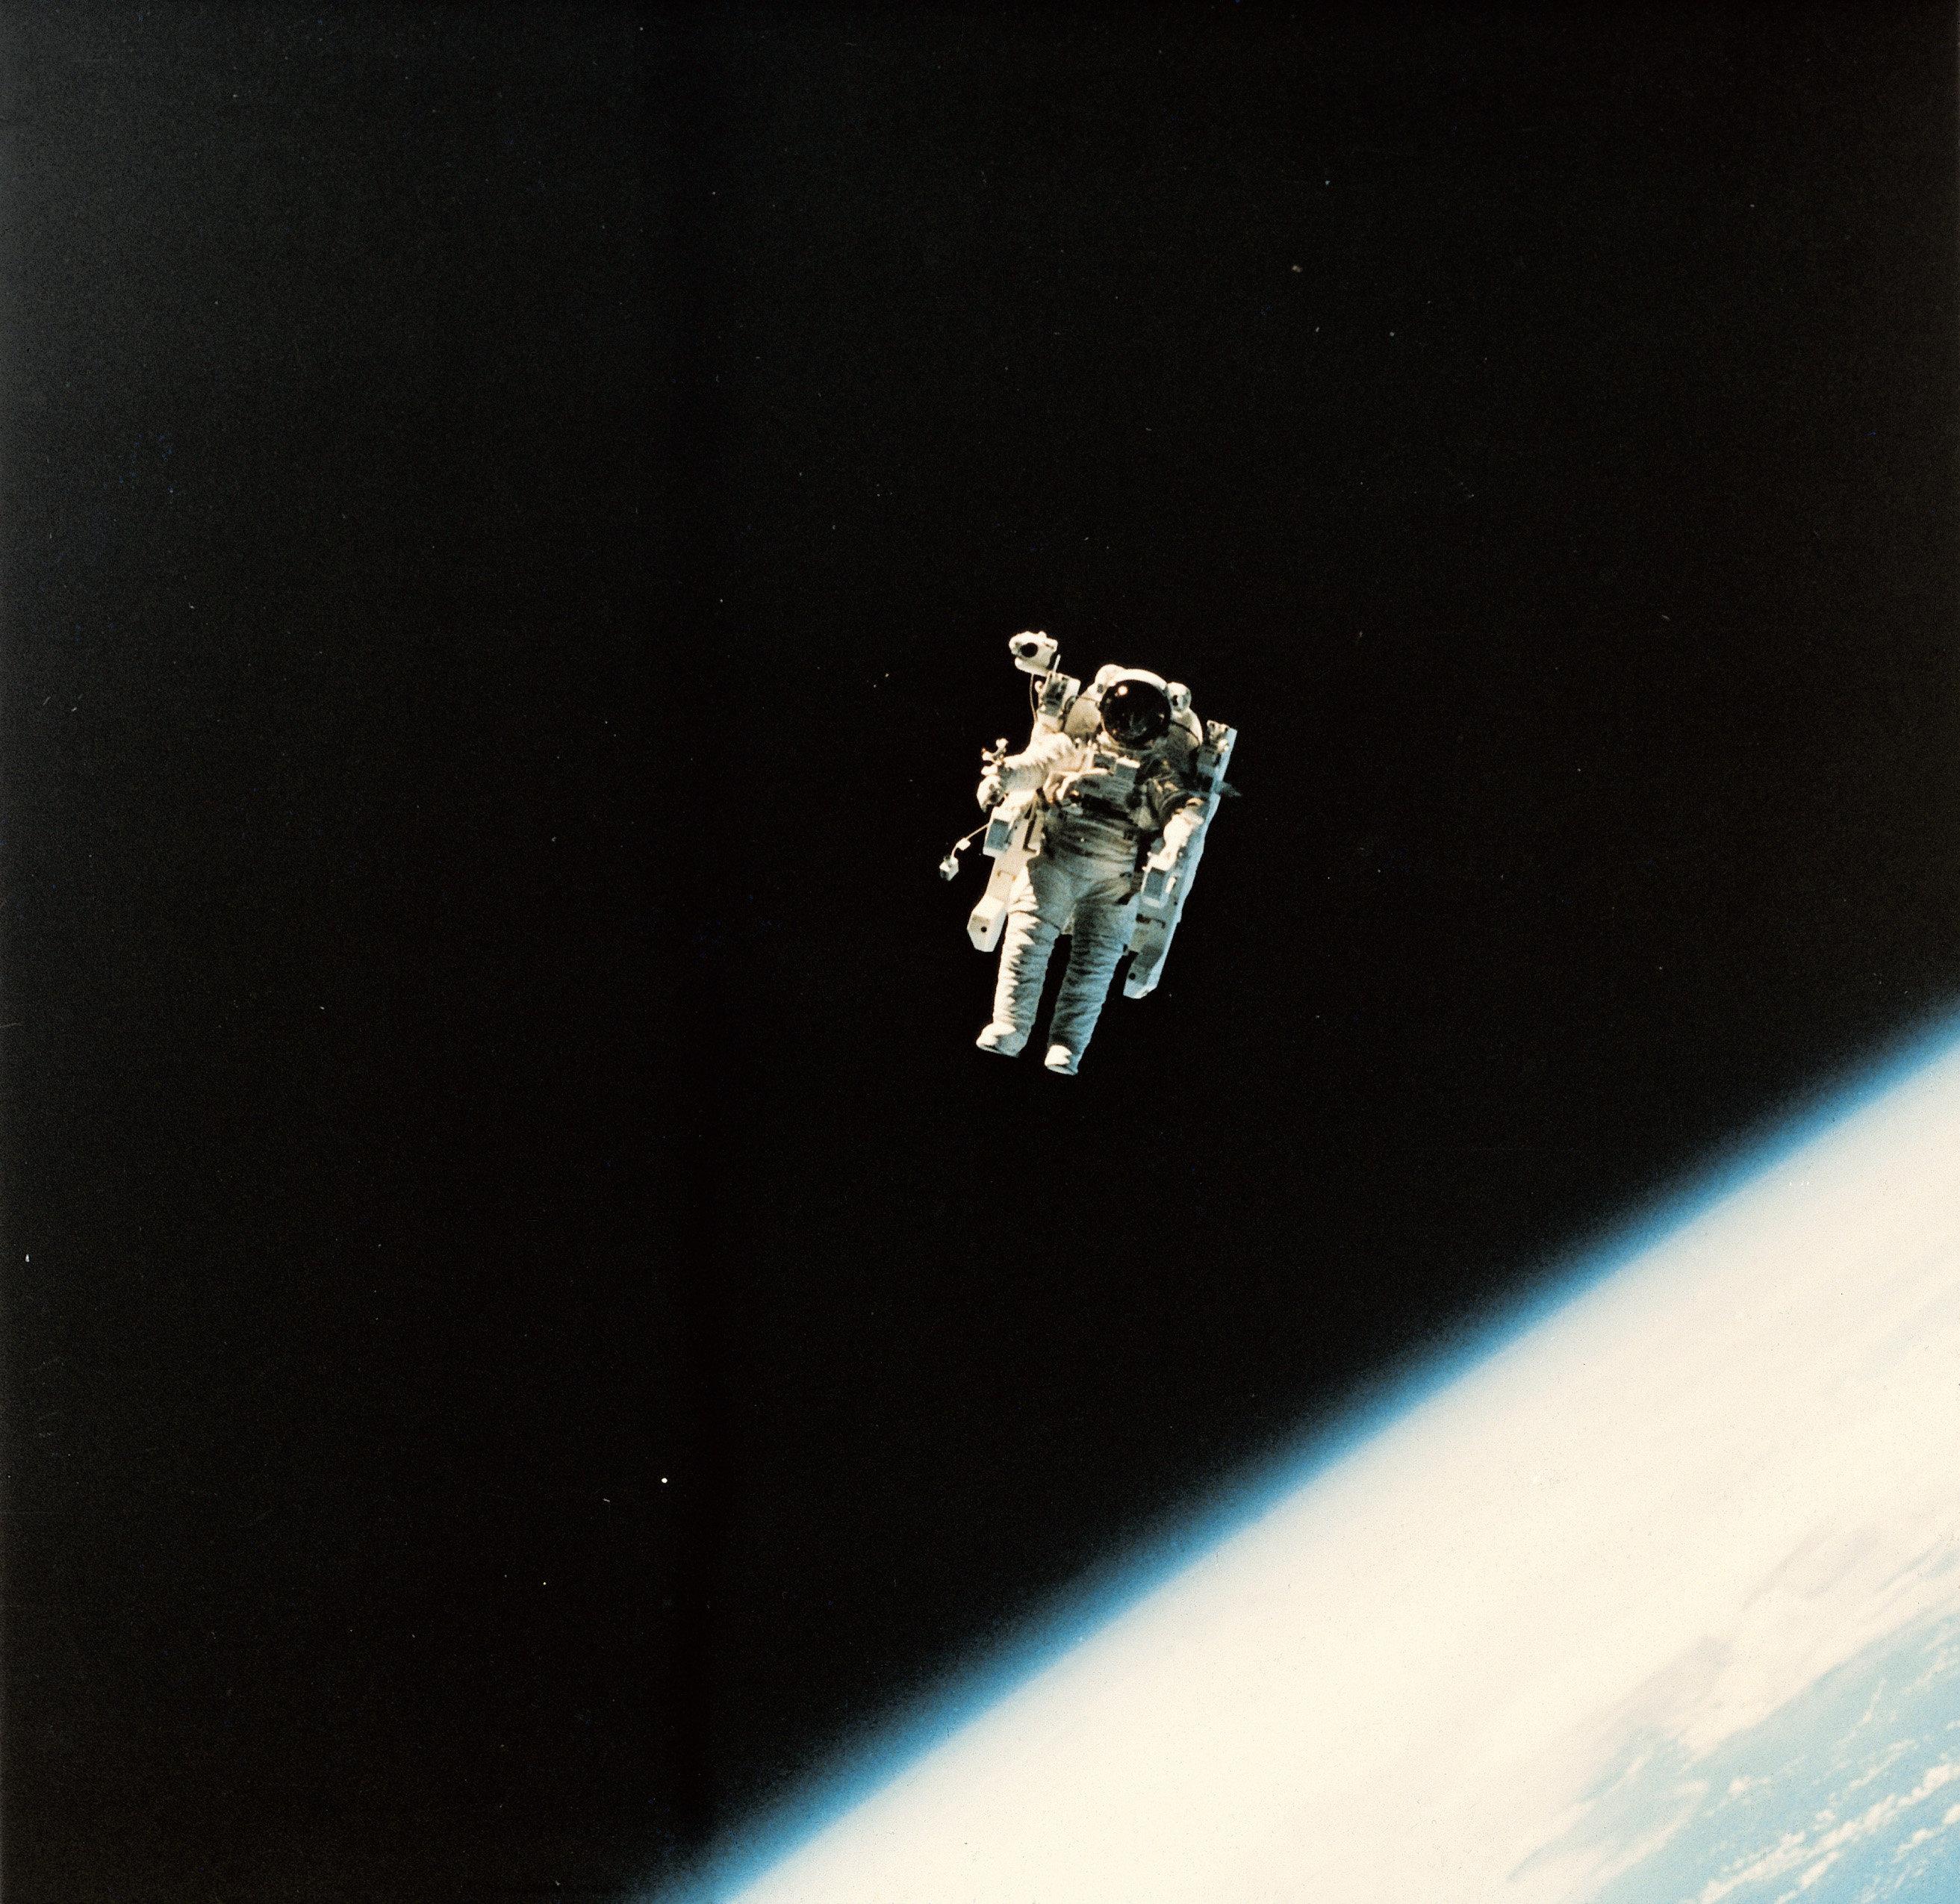 宇宙遊泳のイメージ写真